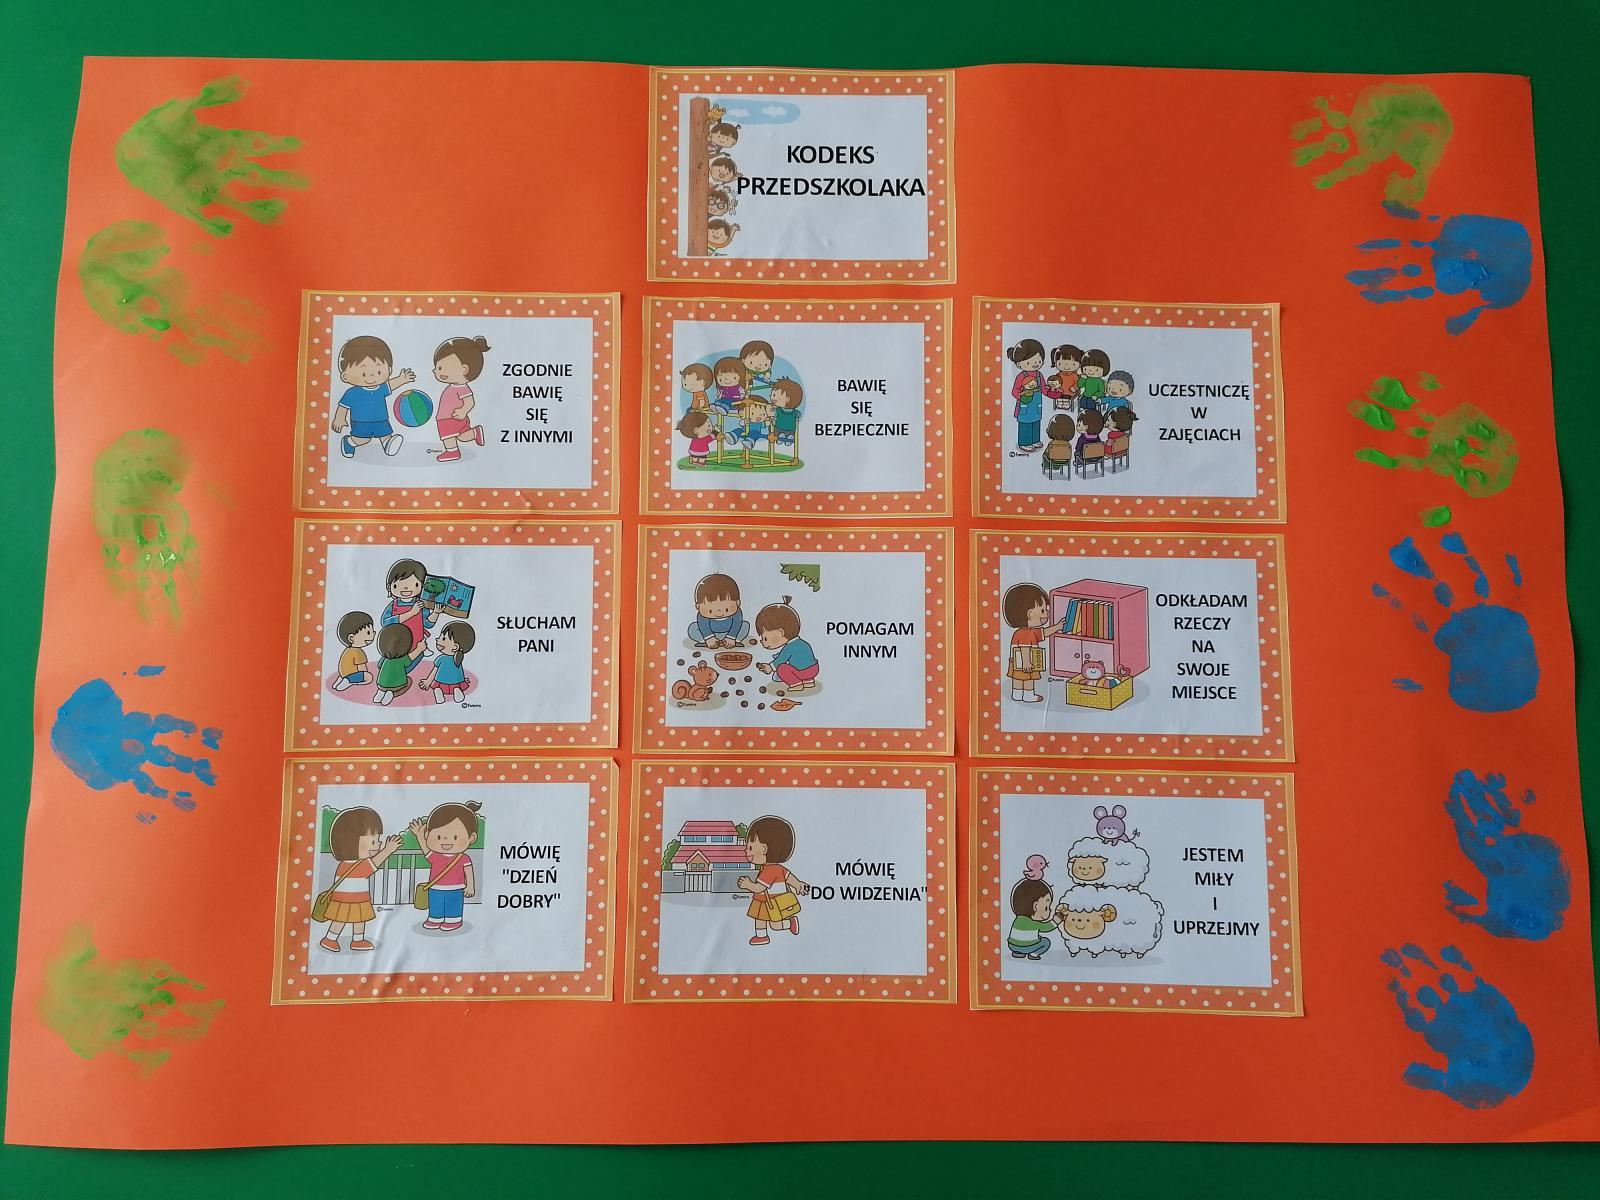 Biedronki ustalają swój kodeks przedszkolaka